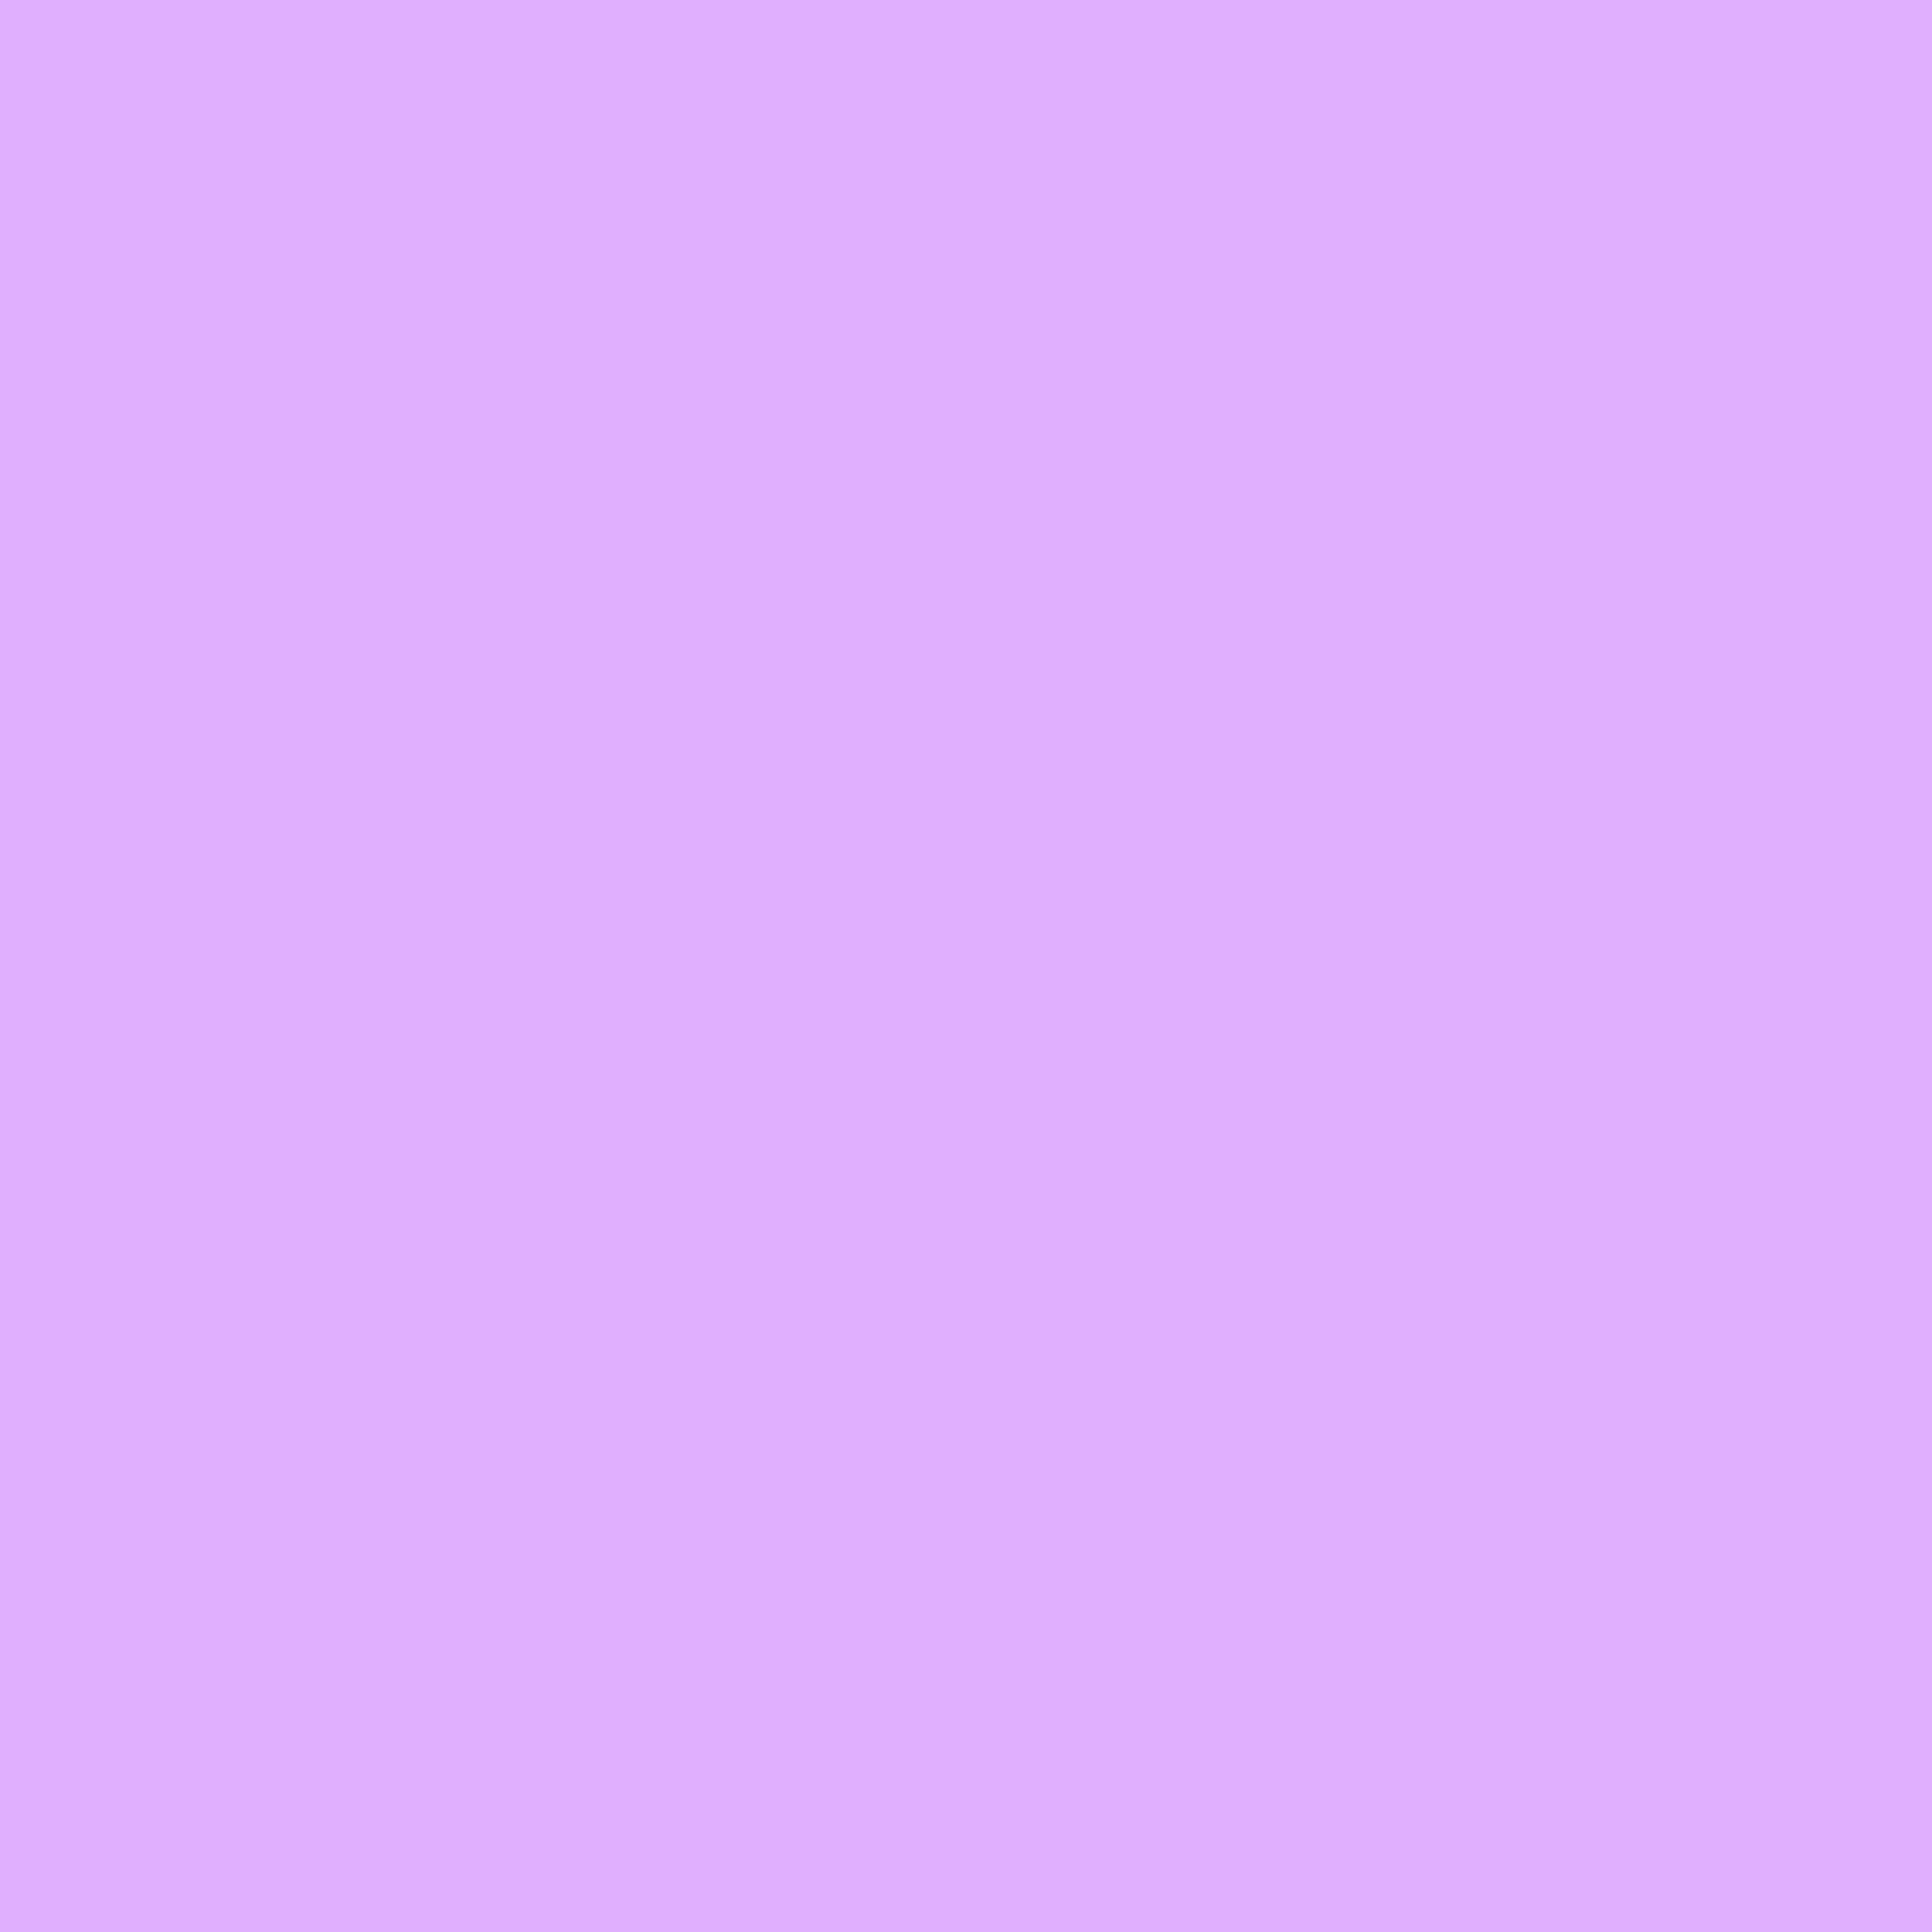 3600x3600 Mauve Solid Color Background